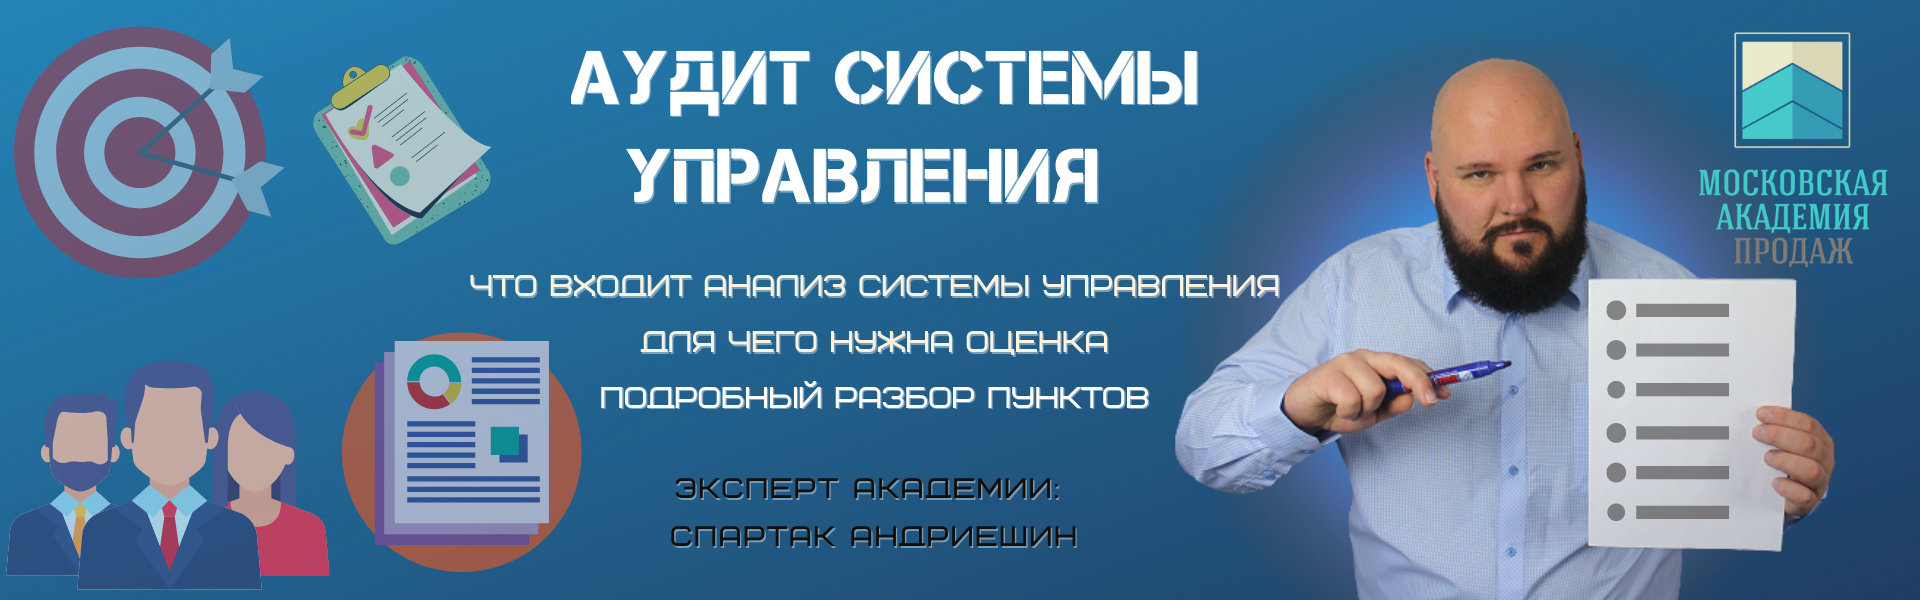 Аудит системы управления организации